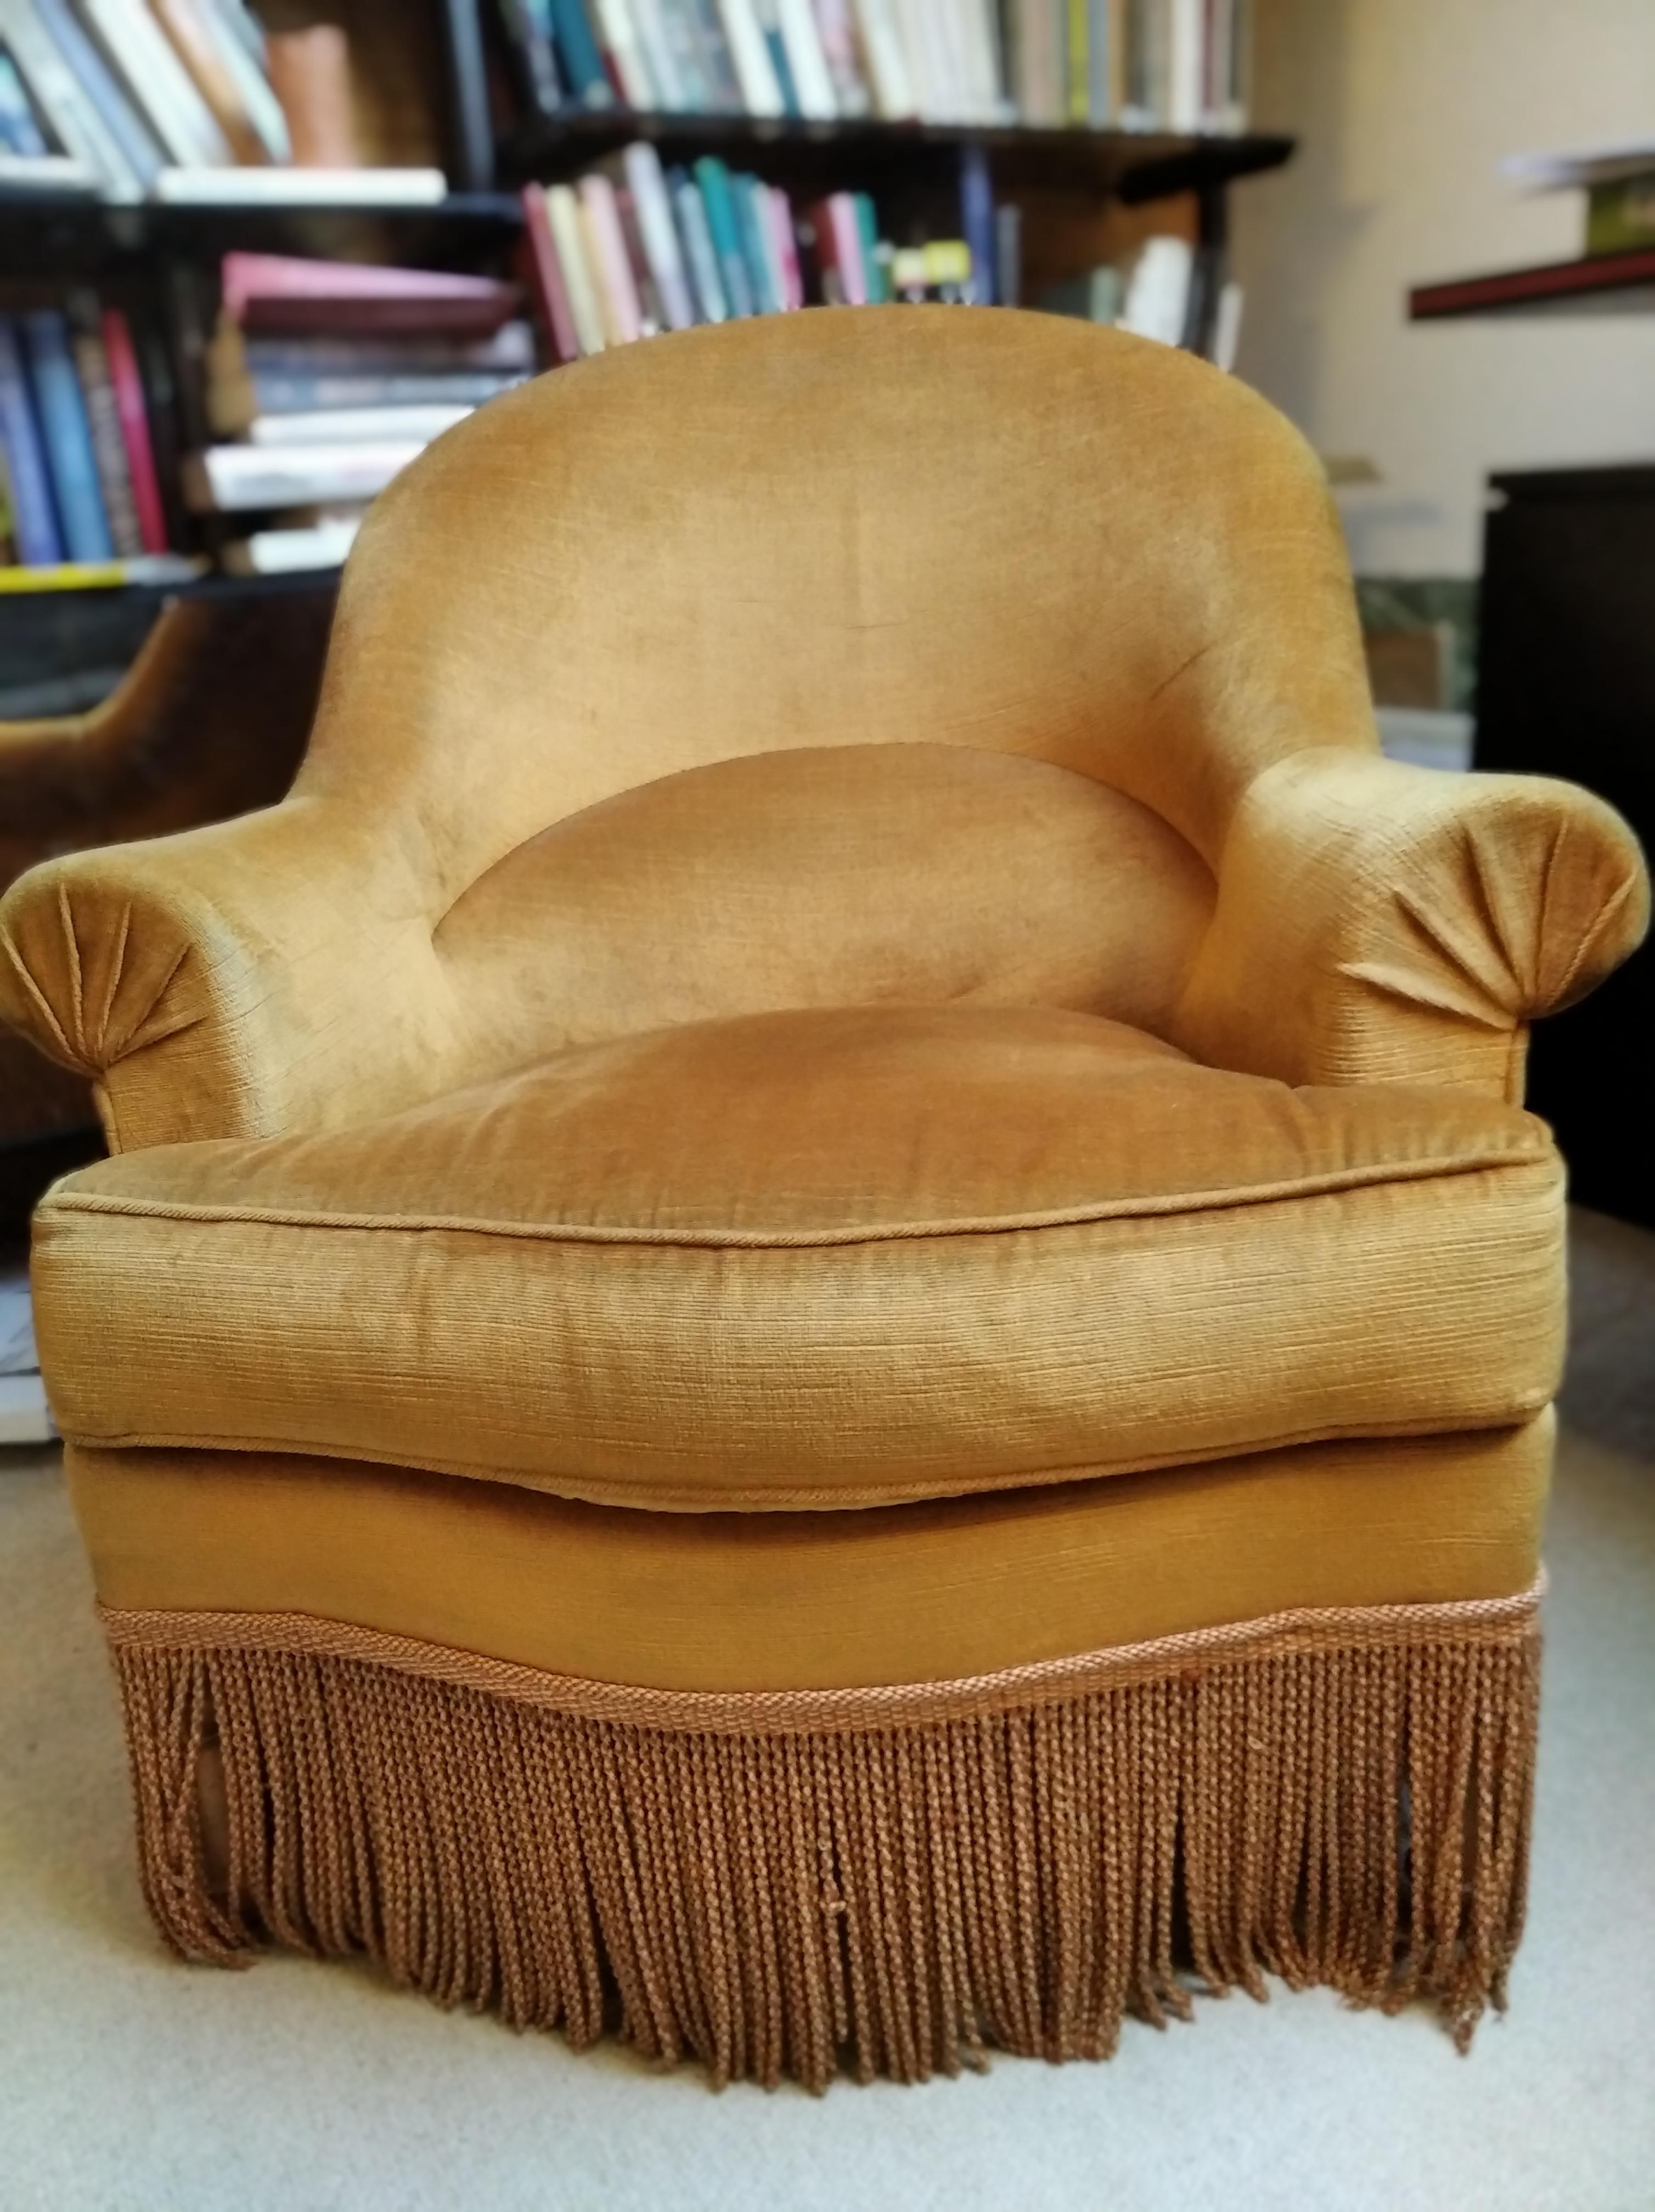 troc de troc 2 fauteuils image 0